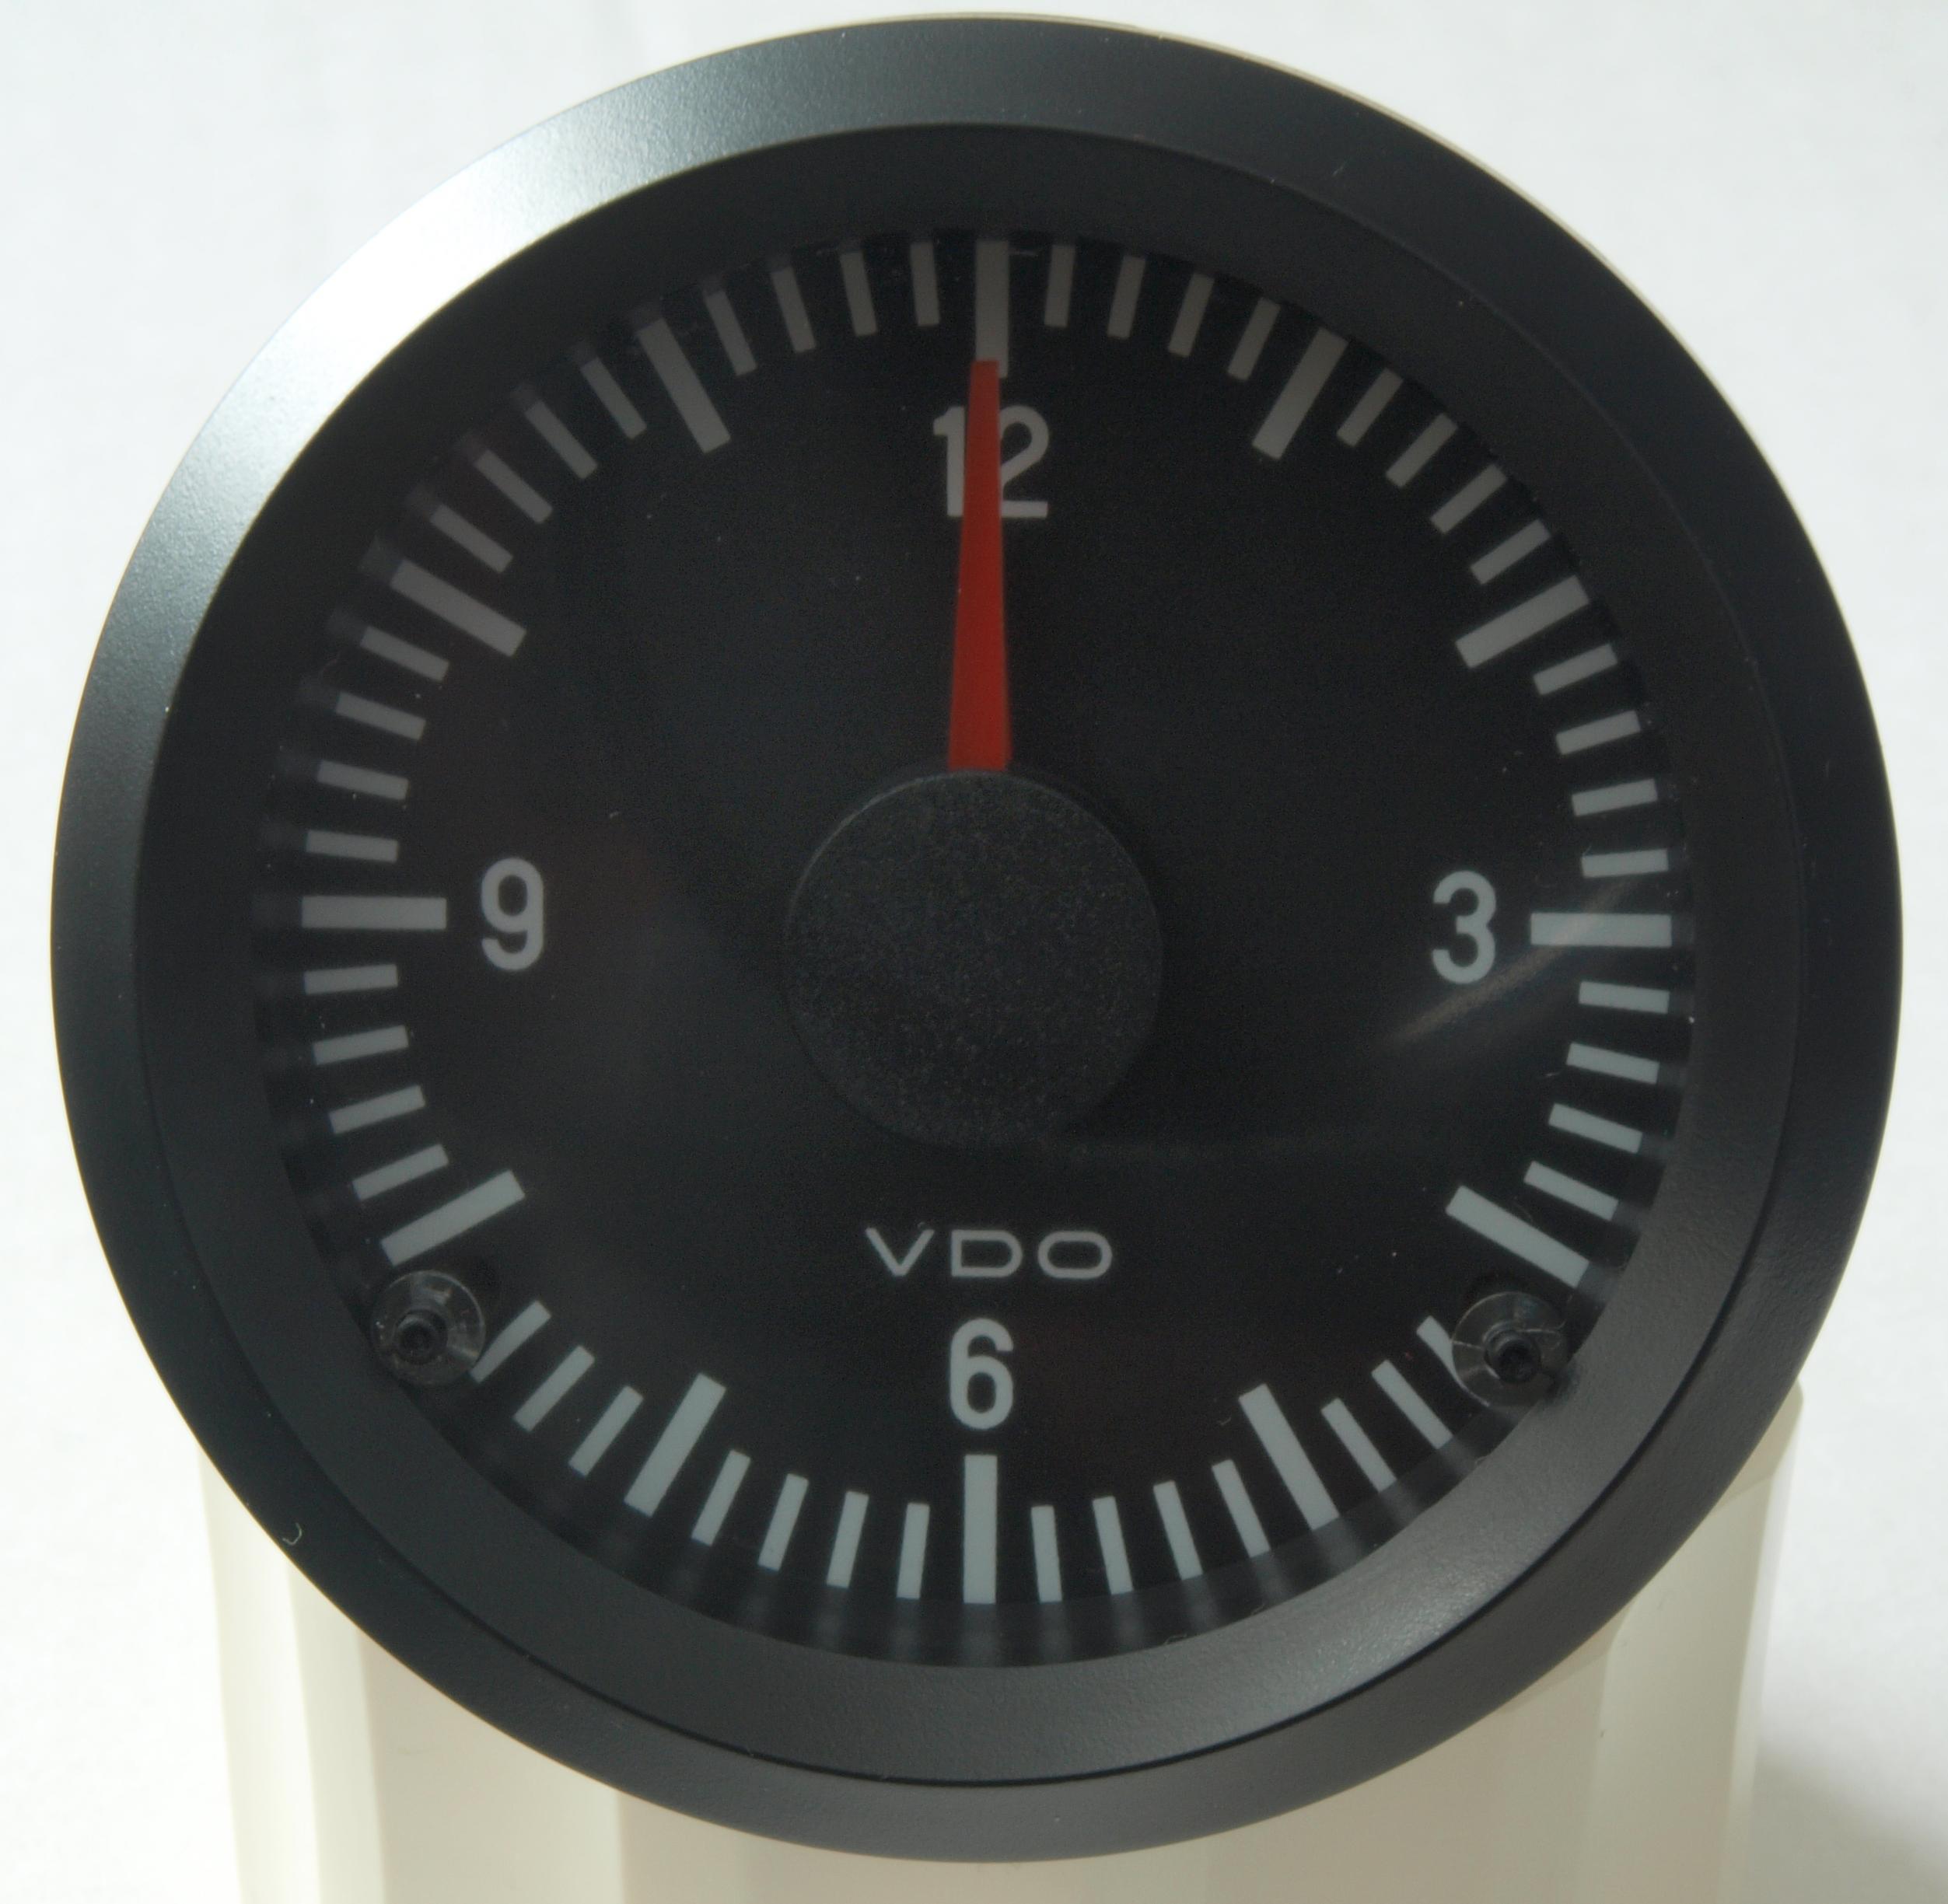 VDO Viewline Uhr 52mm